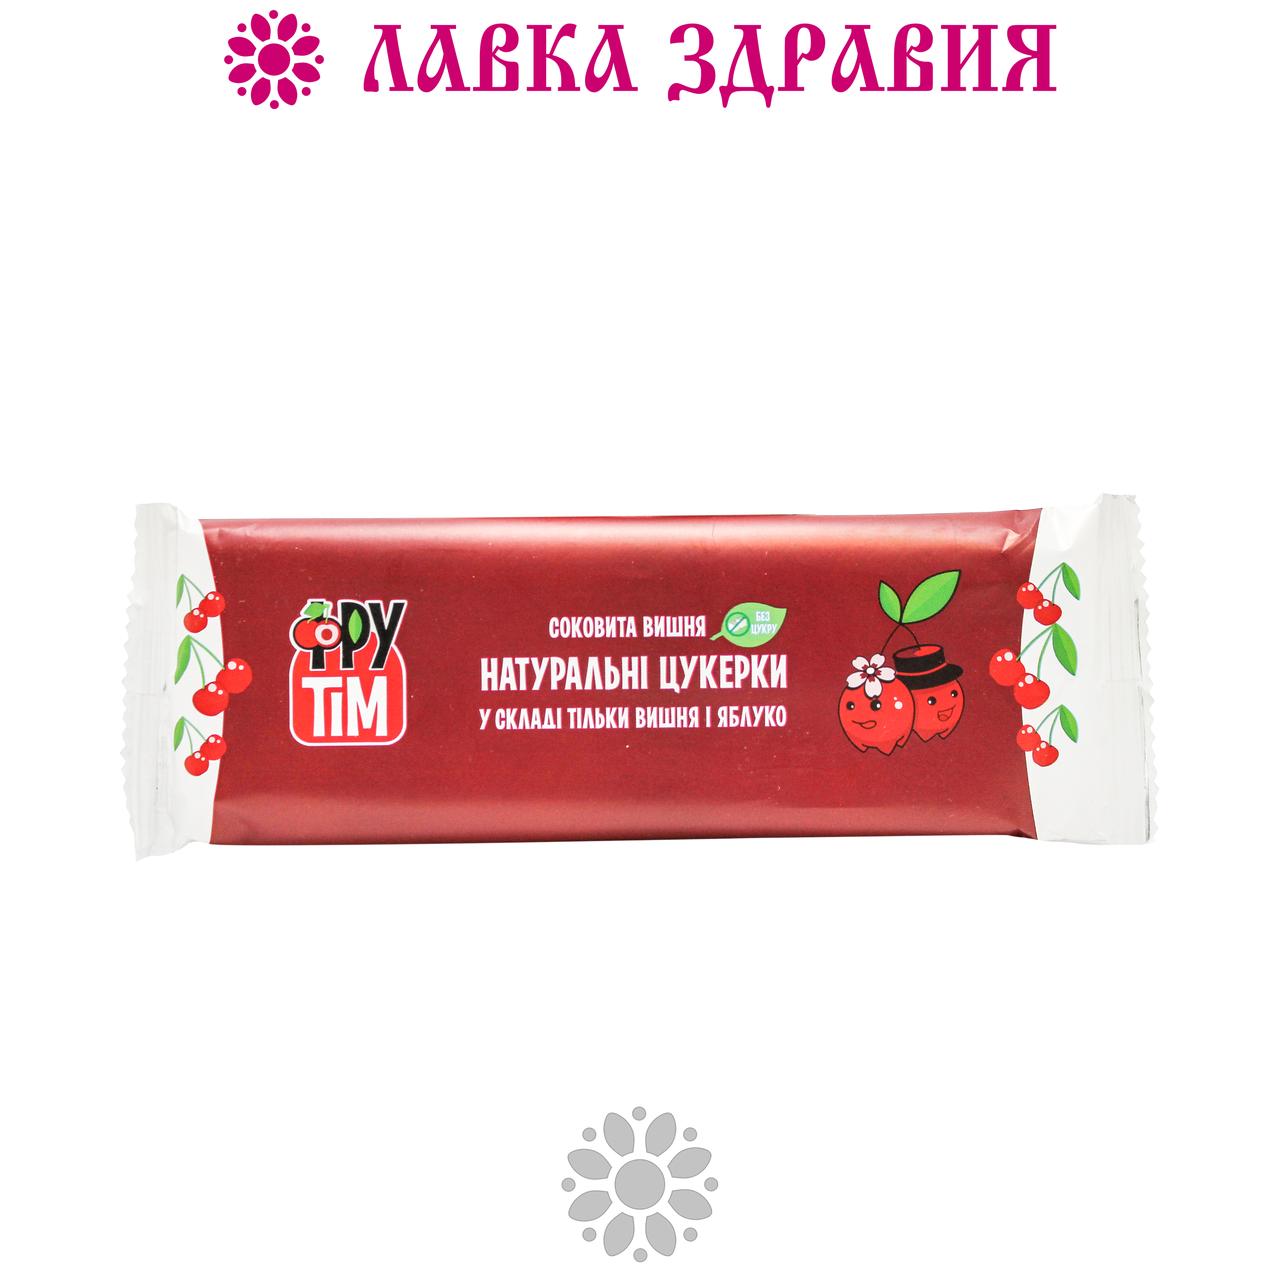 Фрутим Спелая вишня, 50 г